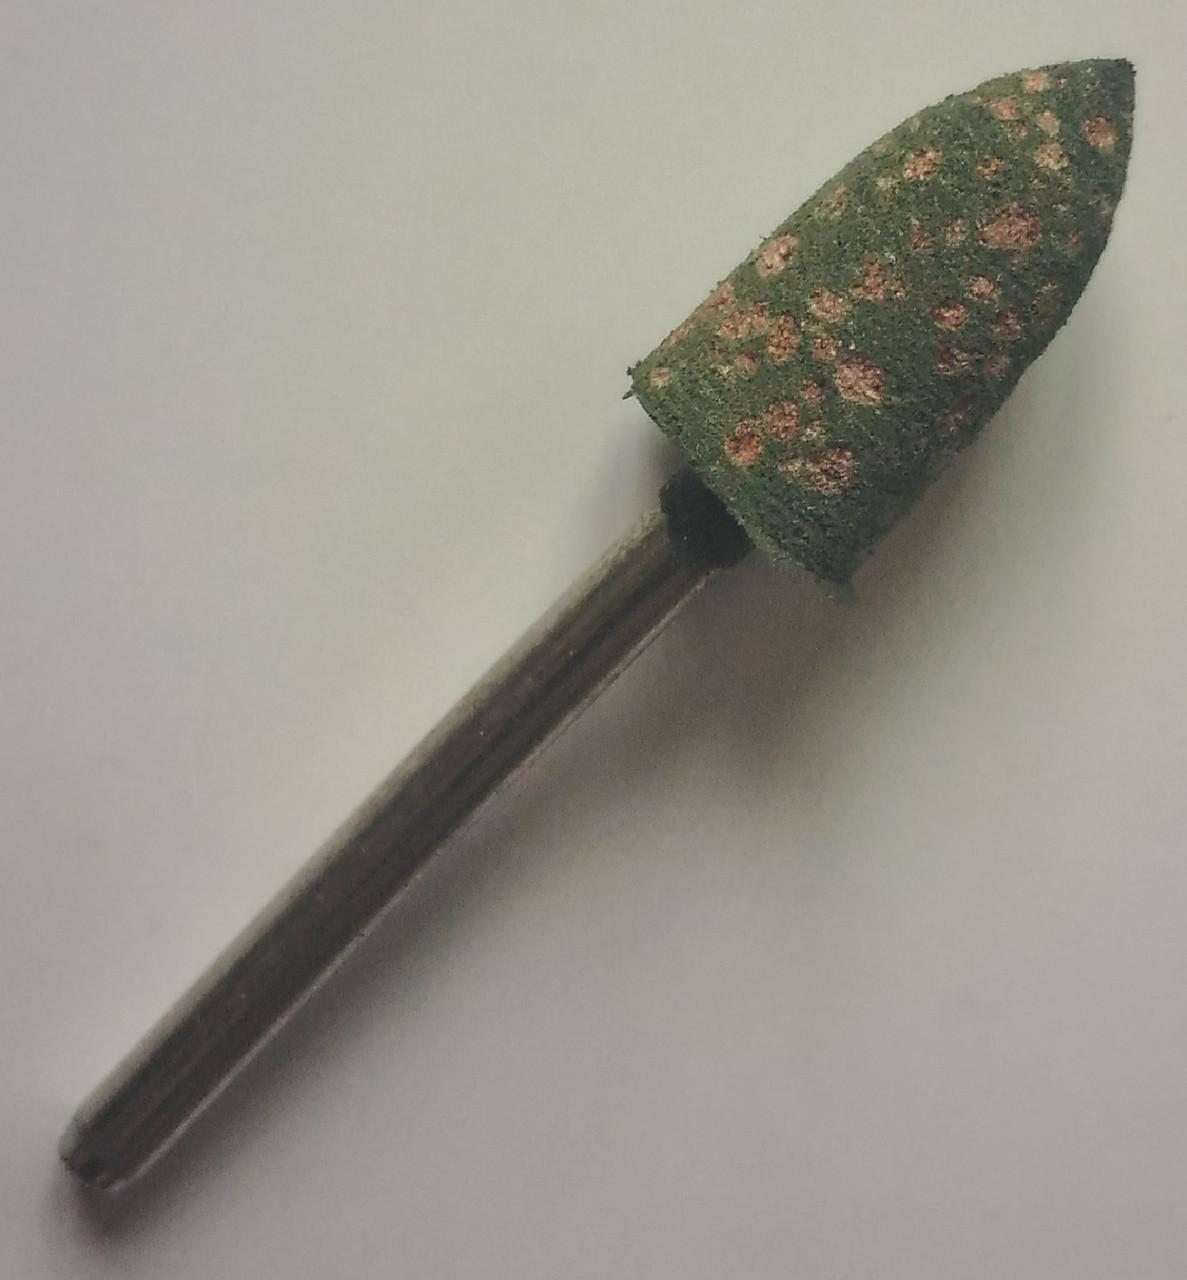 Шлифовальная насадка - пуля 8 мм, Материал - резина с абразивом. Абразивная шарошка